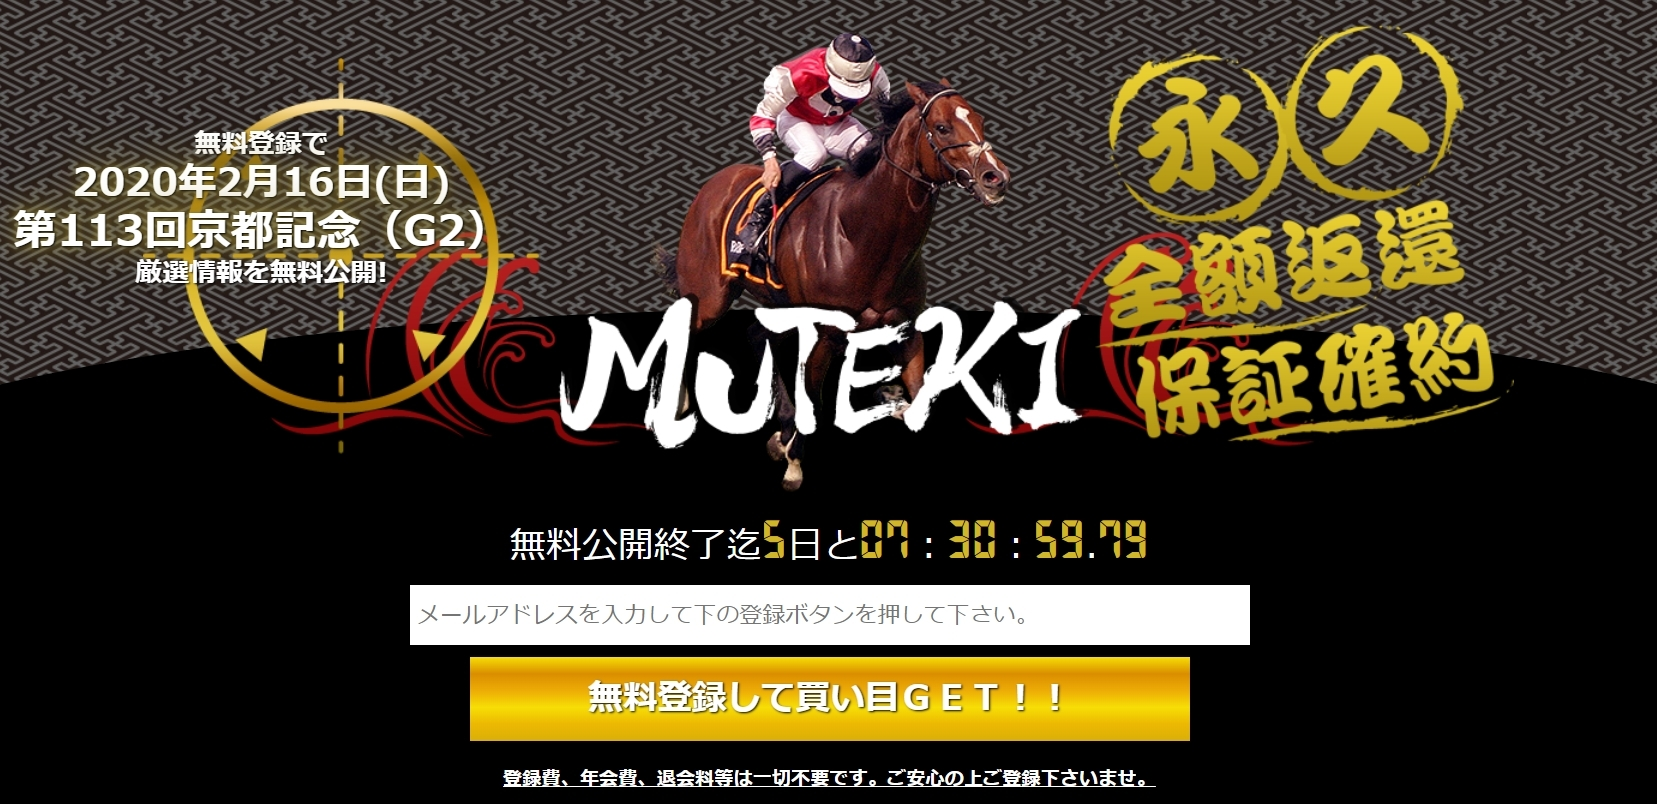 プロが認めたMUTEKI(無敵)のイメージ